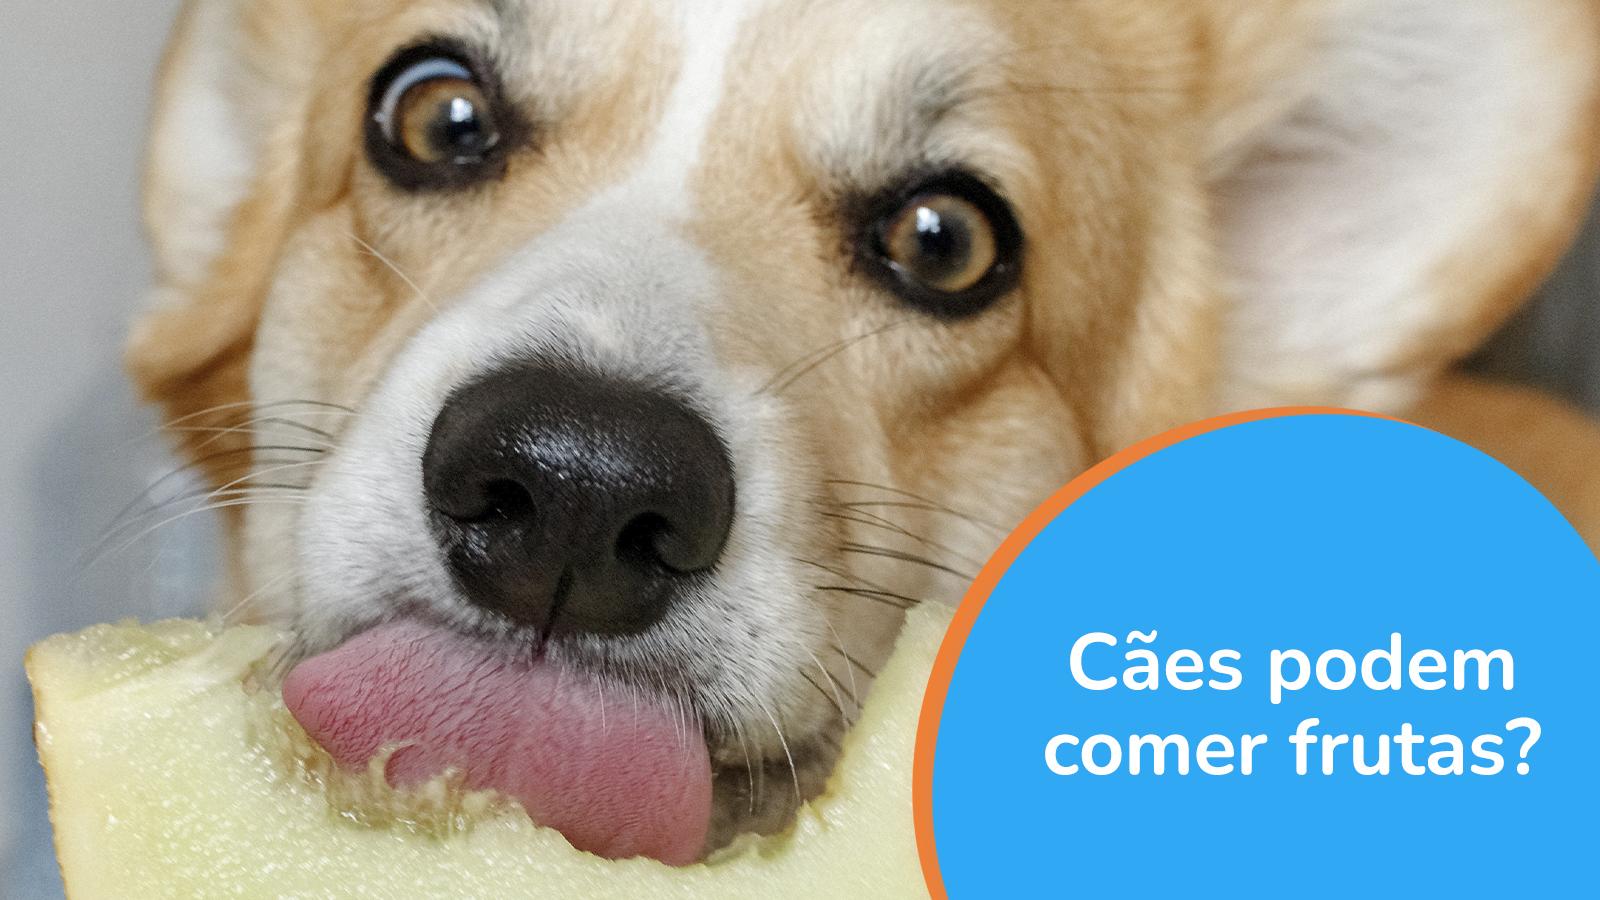 Cães podem comer frutas?